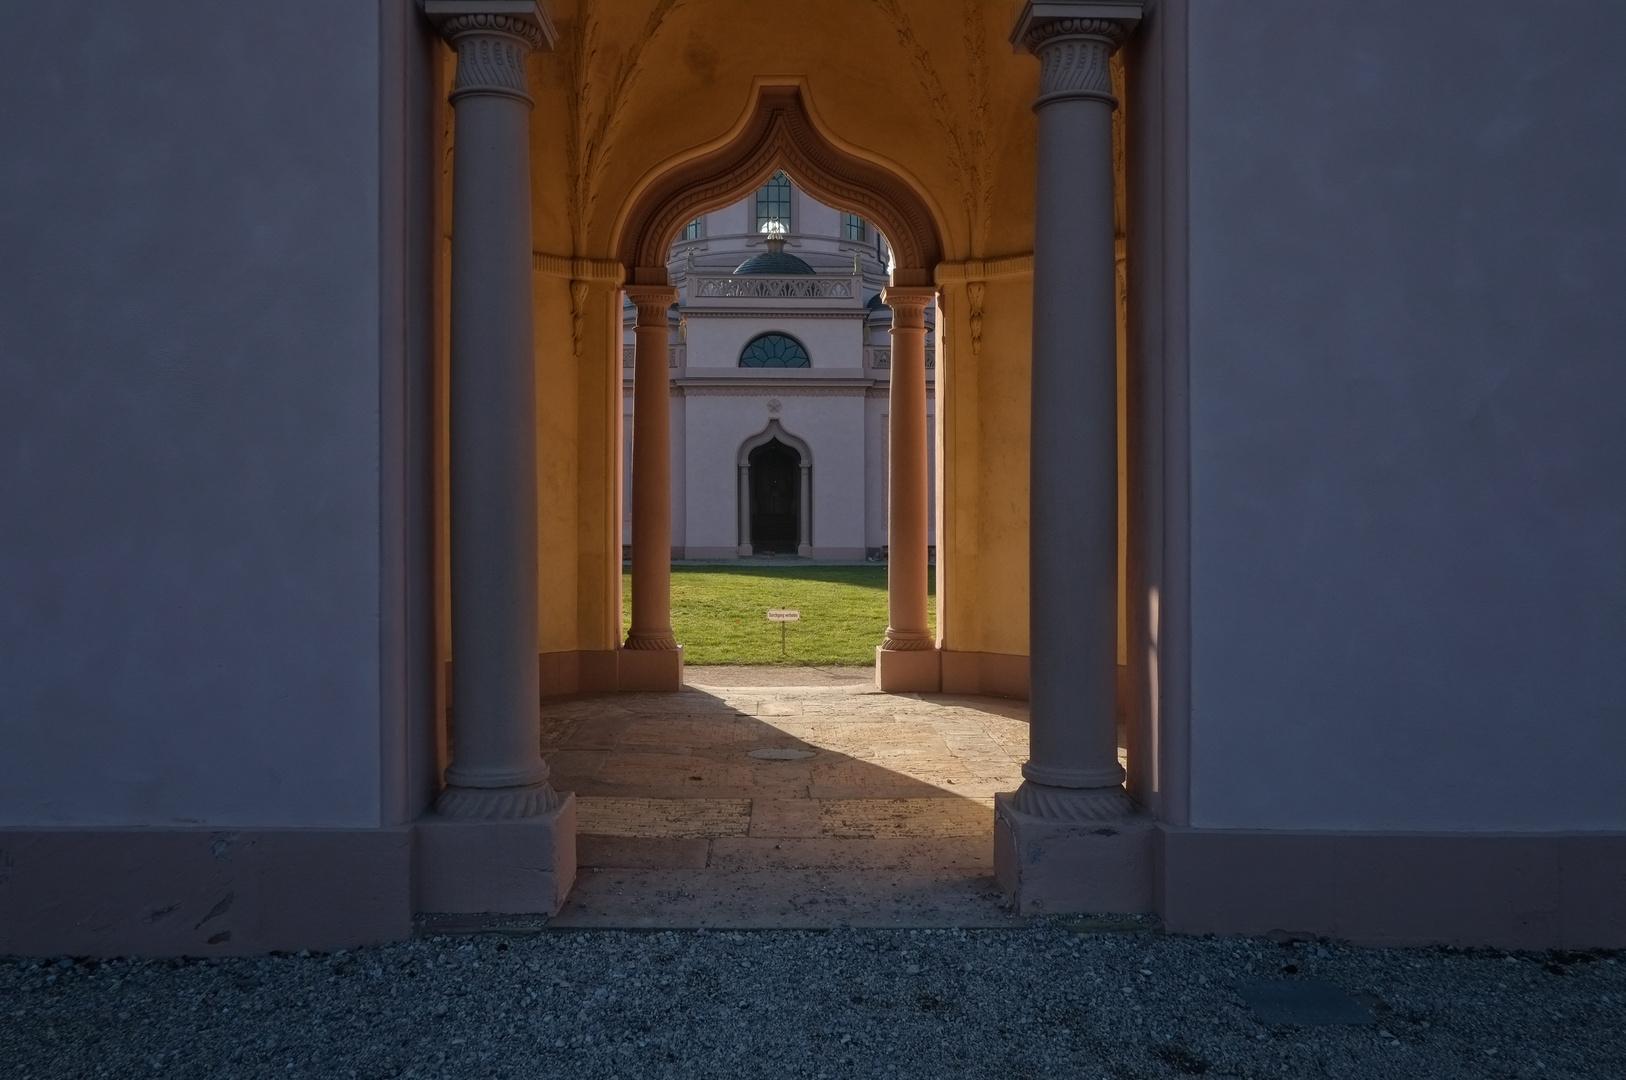 Moscheegarten im Schlosspark Schwetzingen